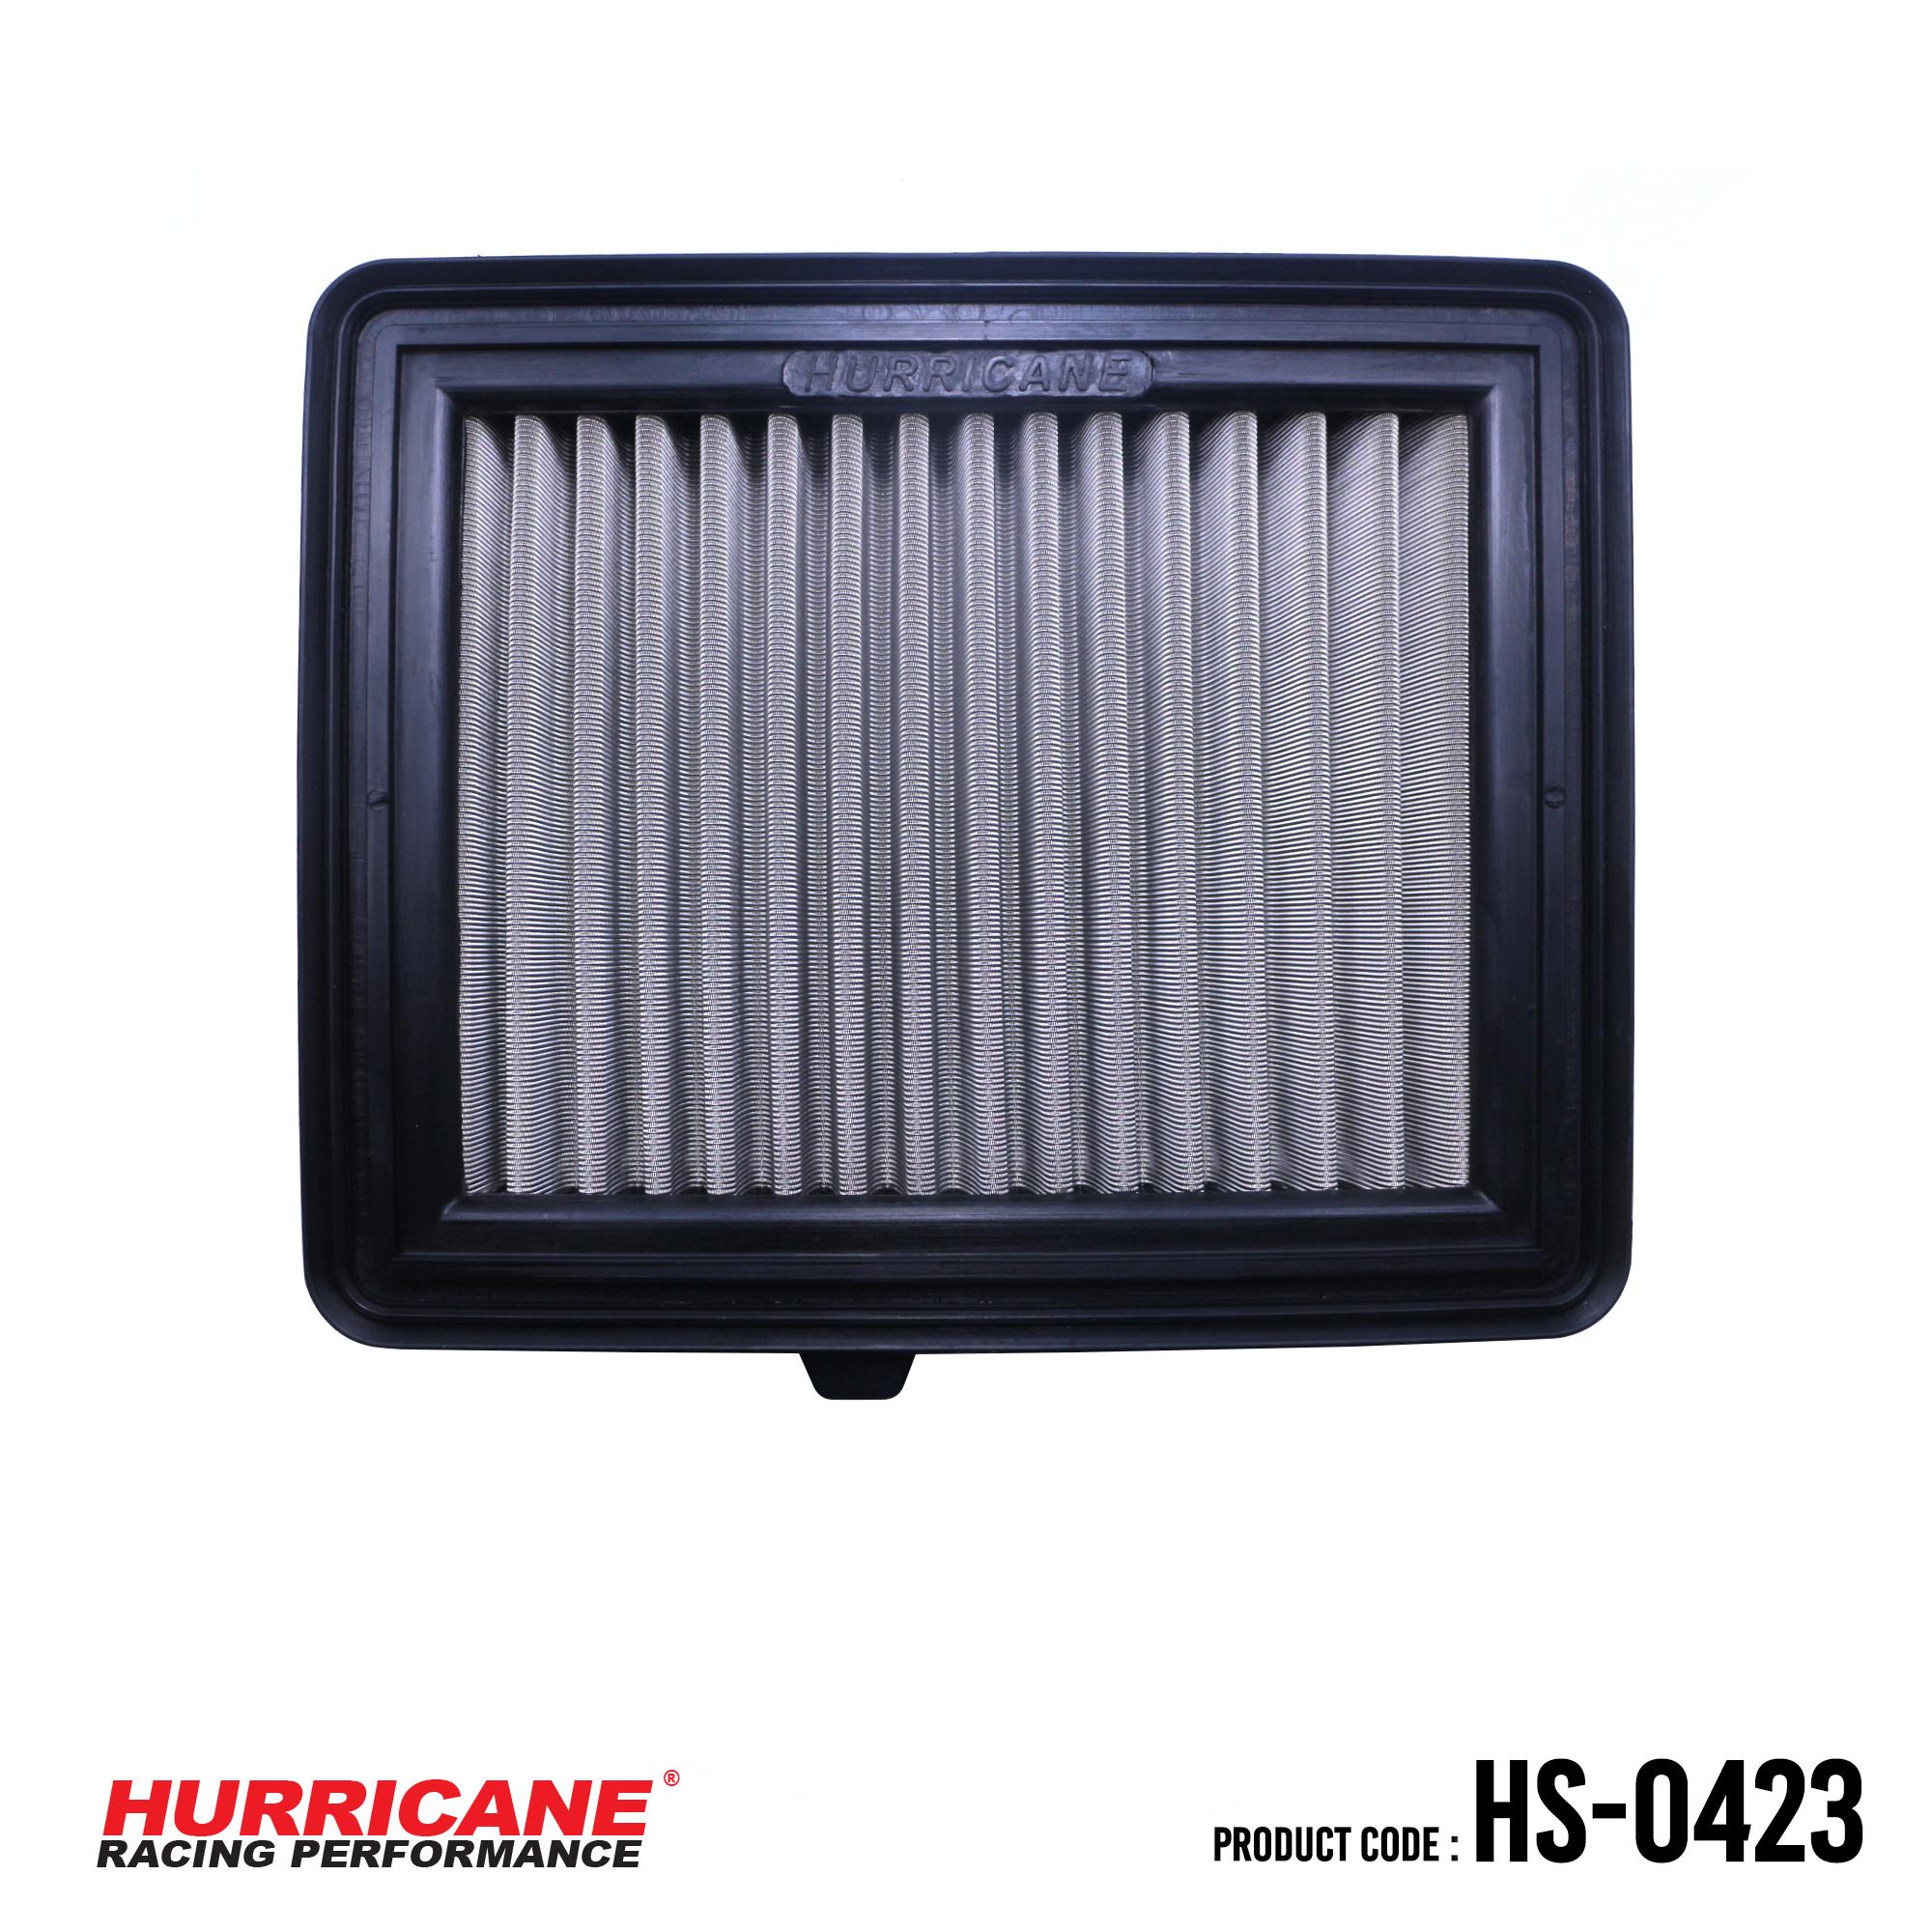 HURRICANE STAINLESS STEEL AIR FILTER FOR HS-0423 Honda